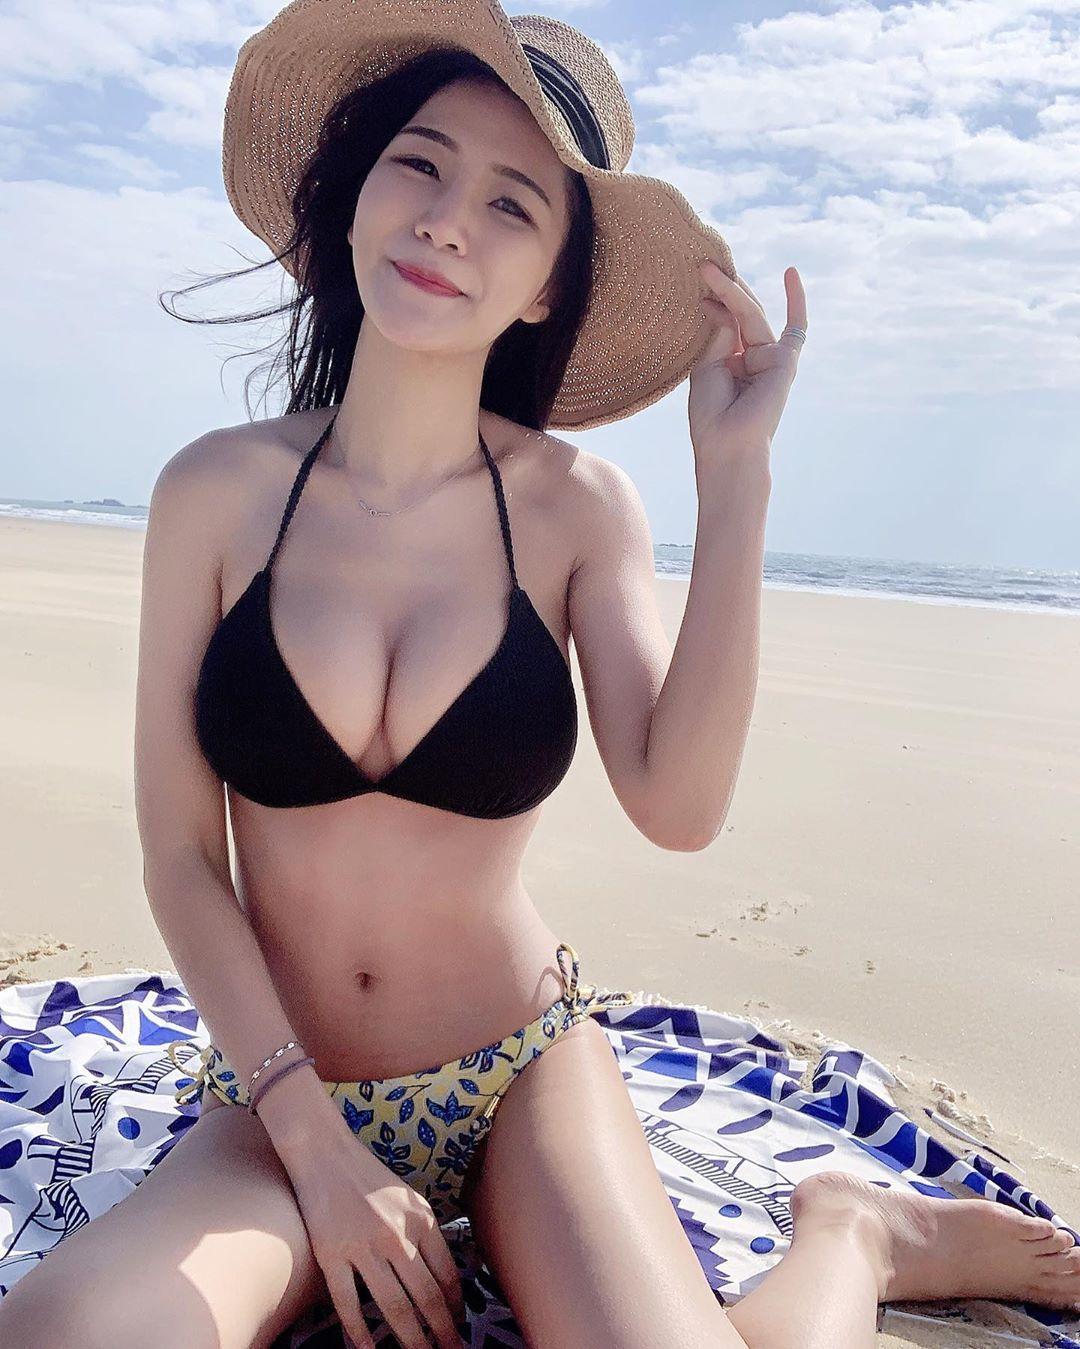 台北银行理财专员林小欣沙滩展示极品身材超凶猛 养眼图片 第2张